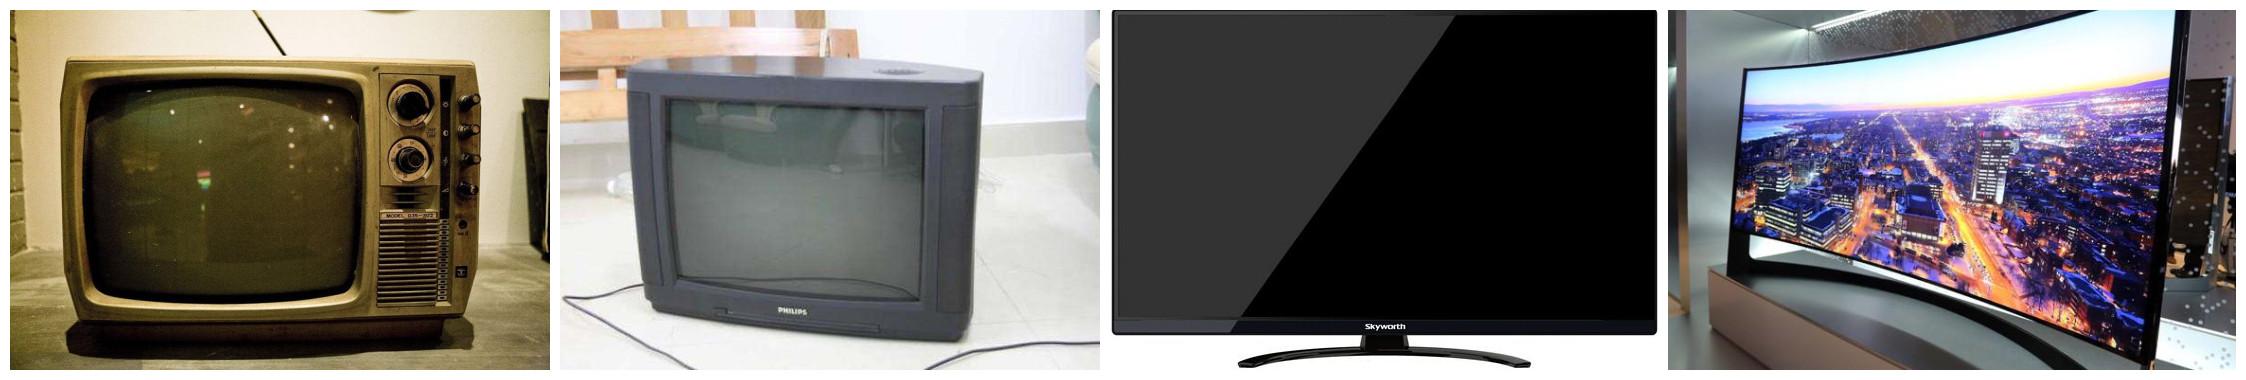 一体成型电感在电视机的作用是什么?